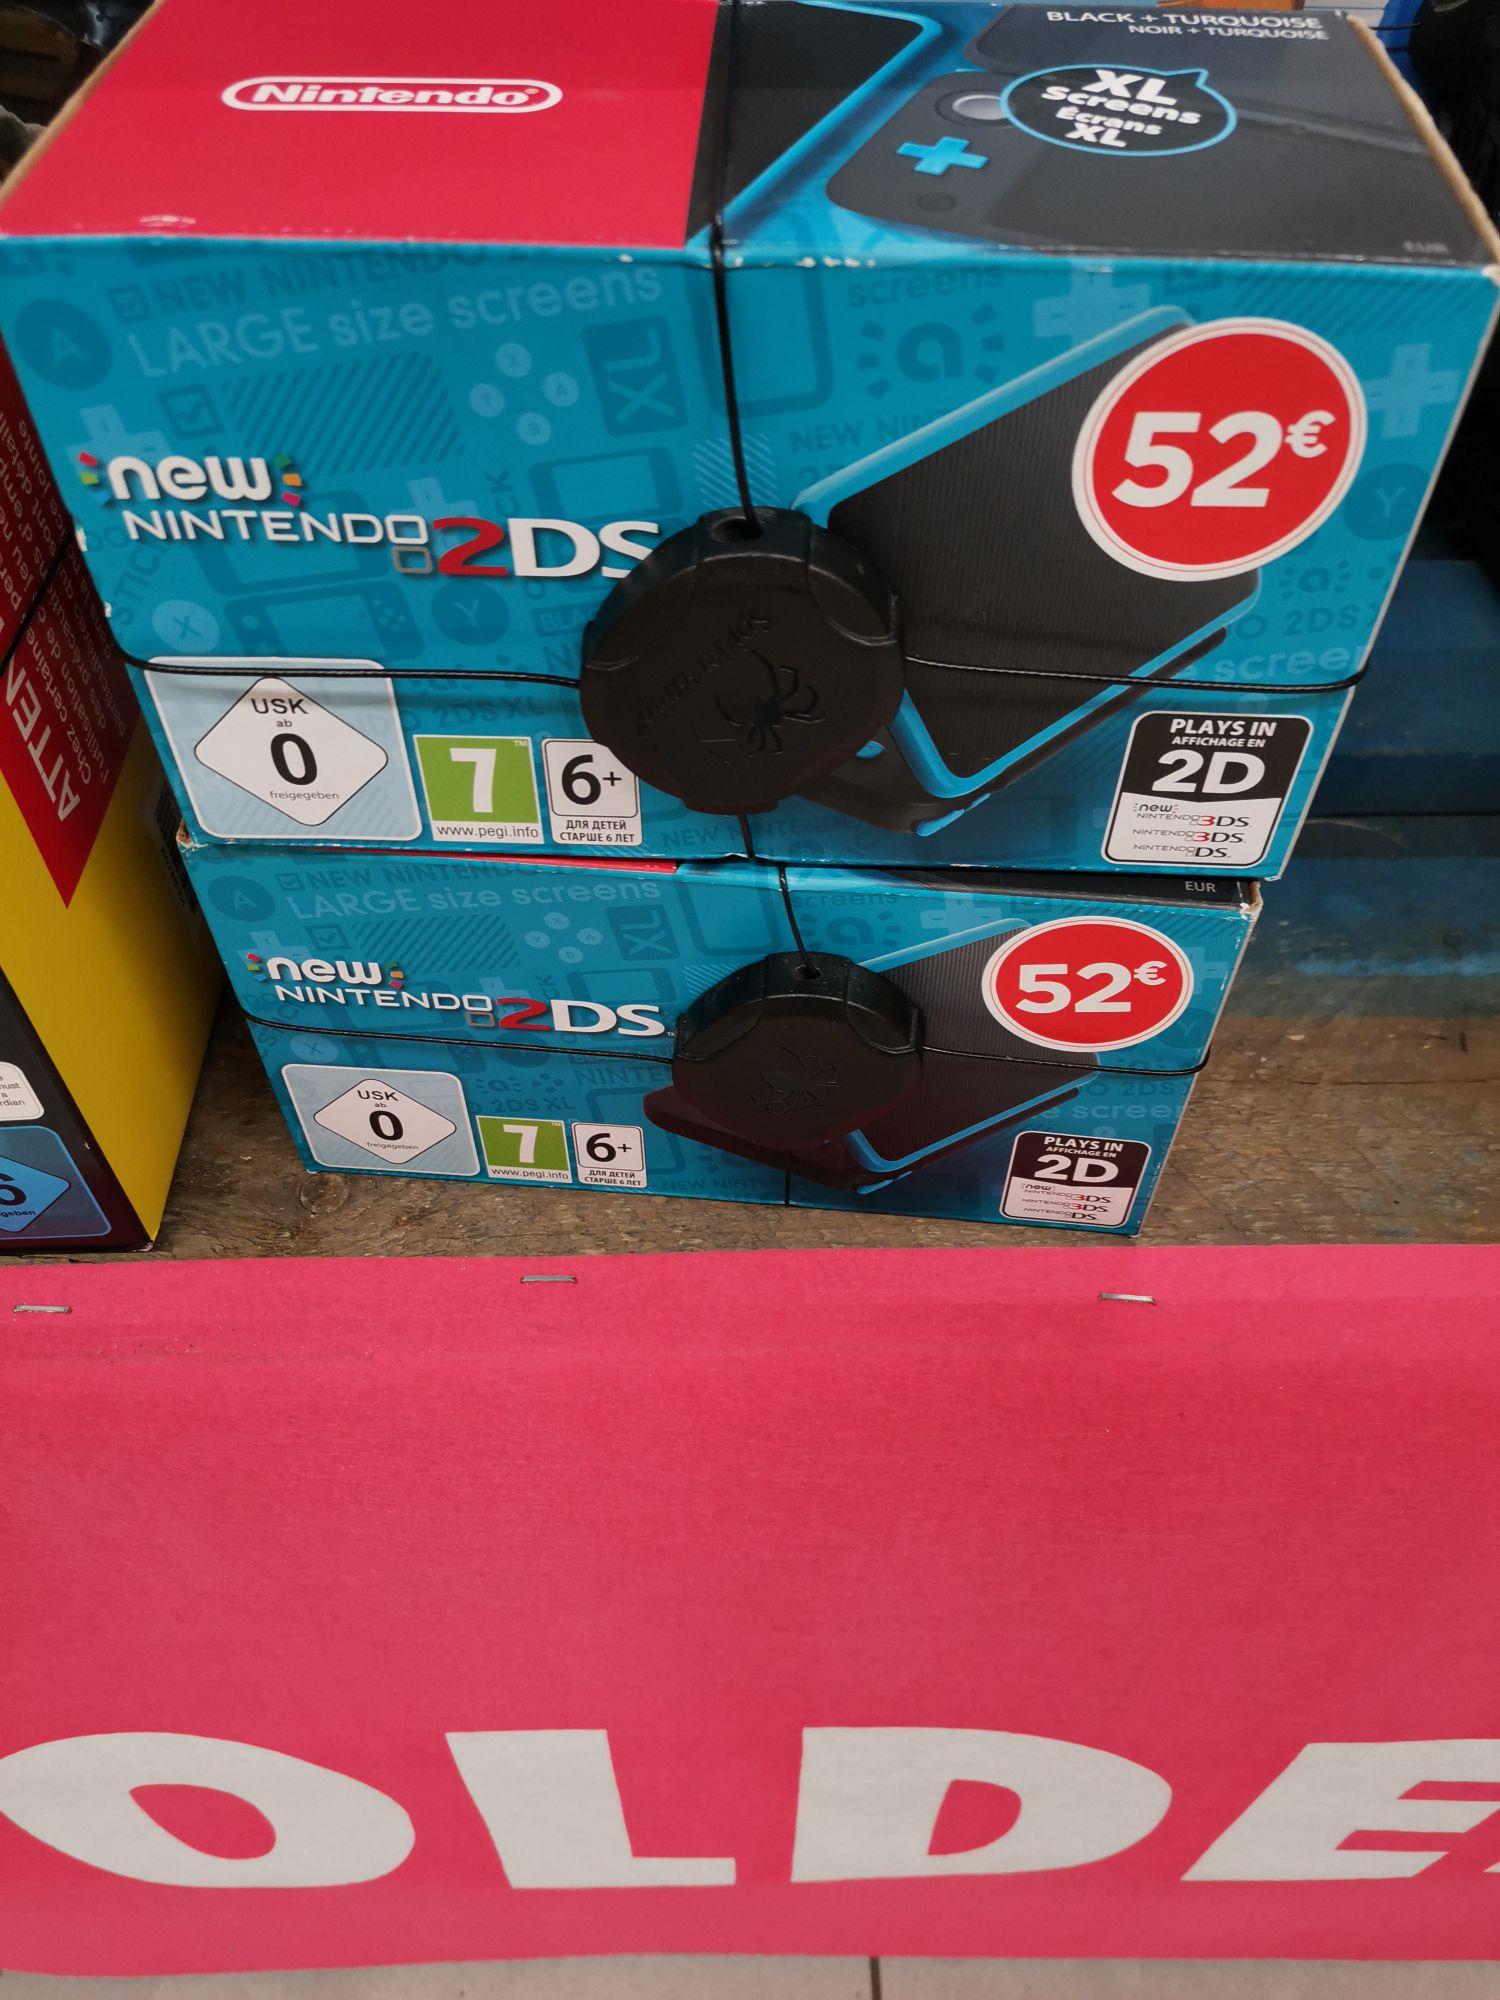 Console portable Nintendo 2DS XL (noir / turquoise) - Saint-Pierre-d'Irube (64)